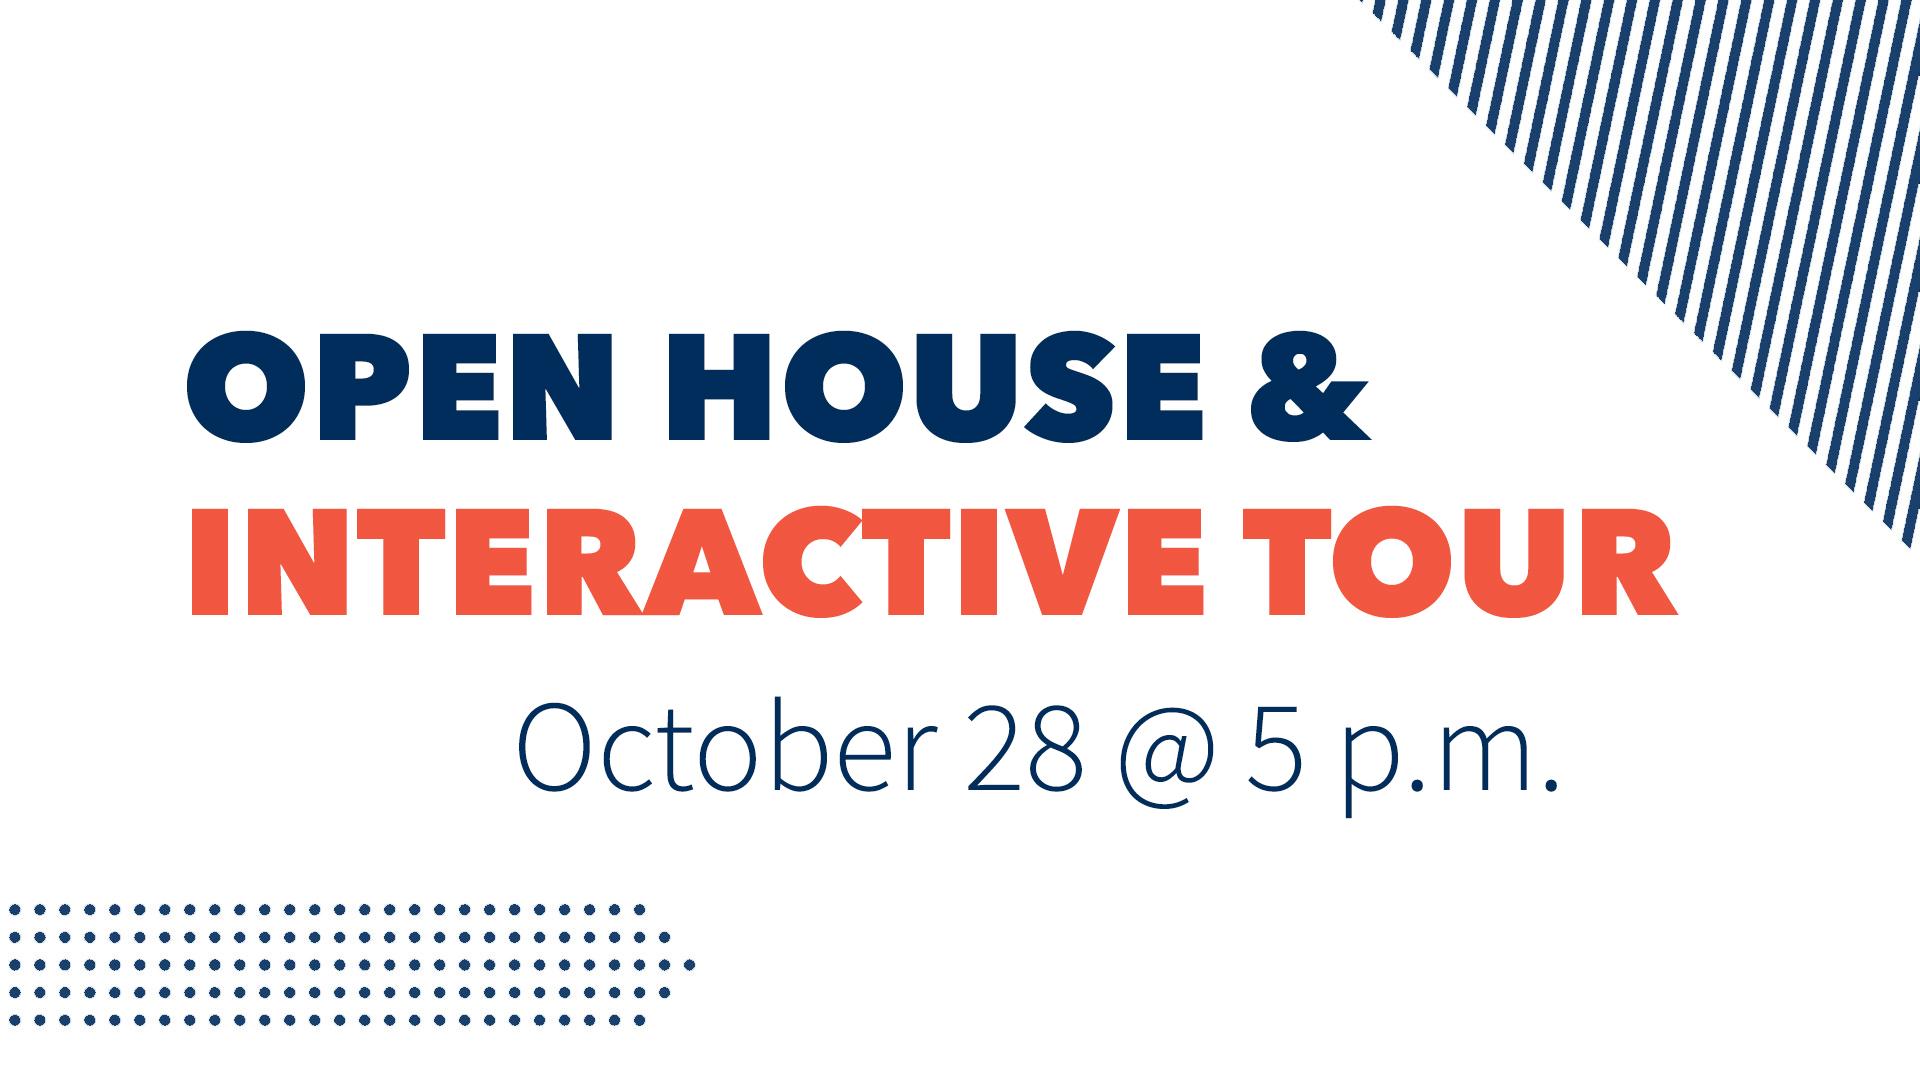 Open House & Interactive Tour